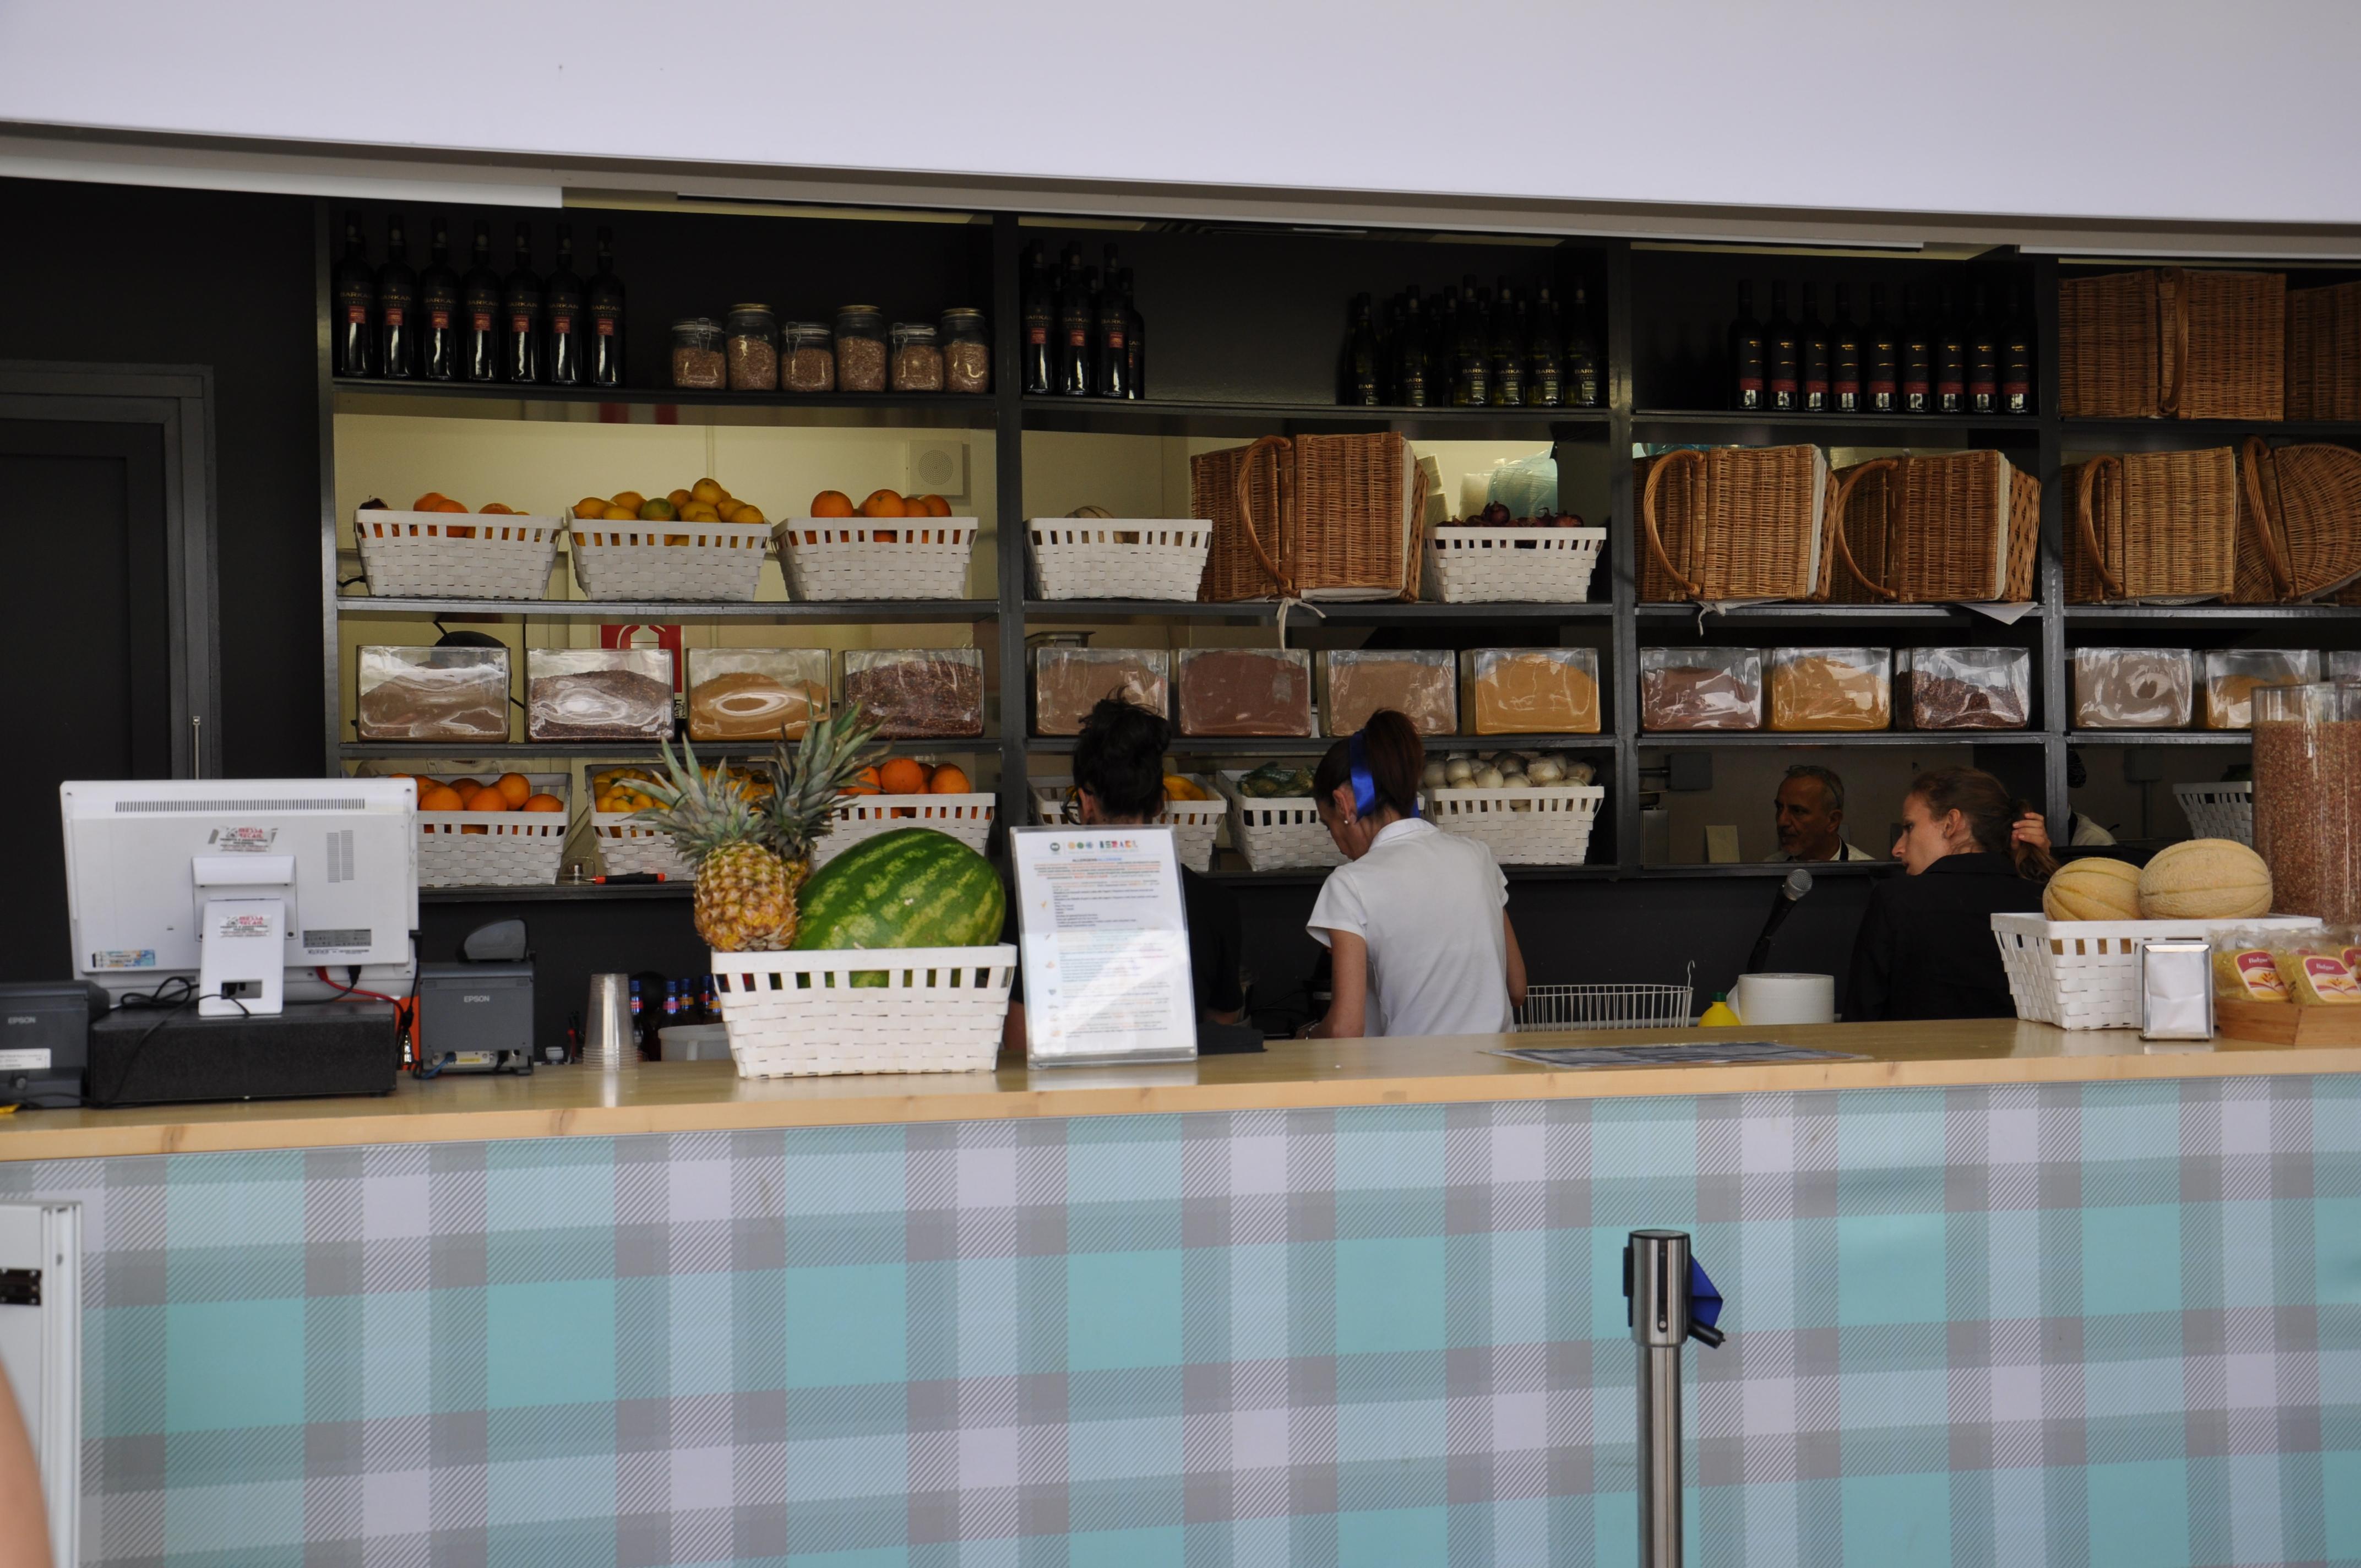 אוכל רחוב ישראלי - הפיקניק